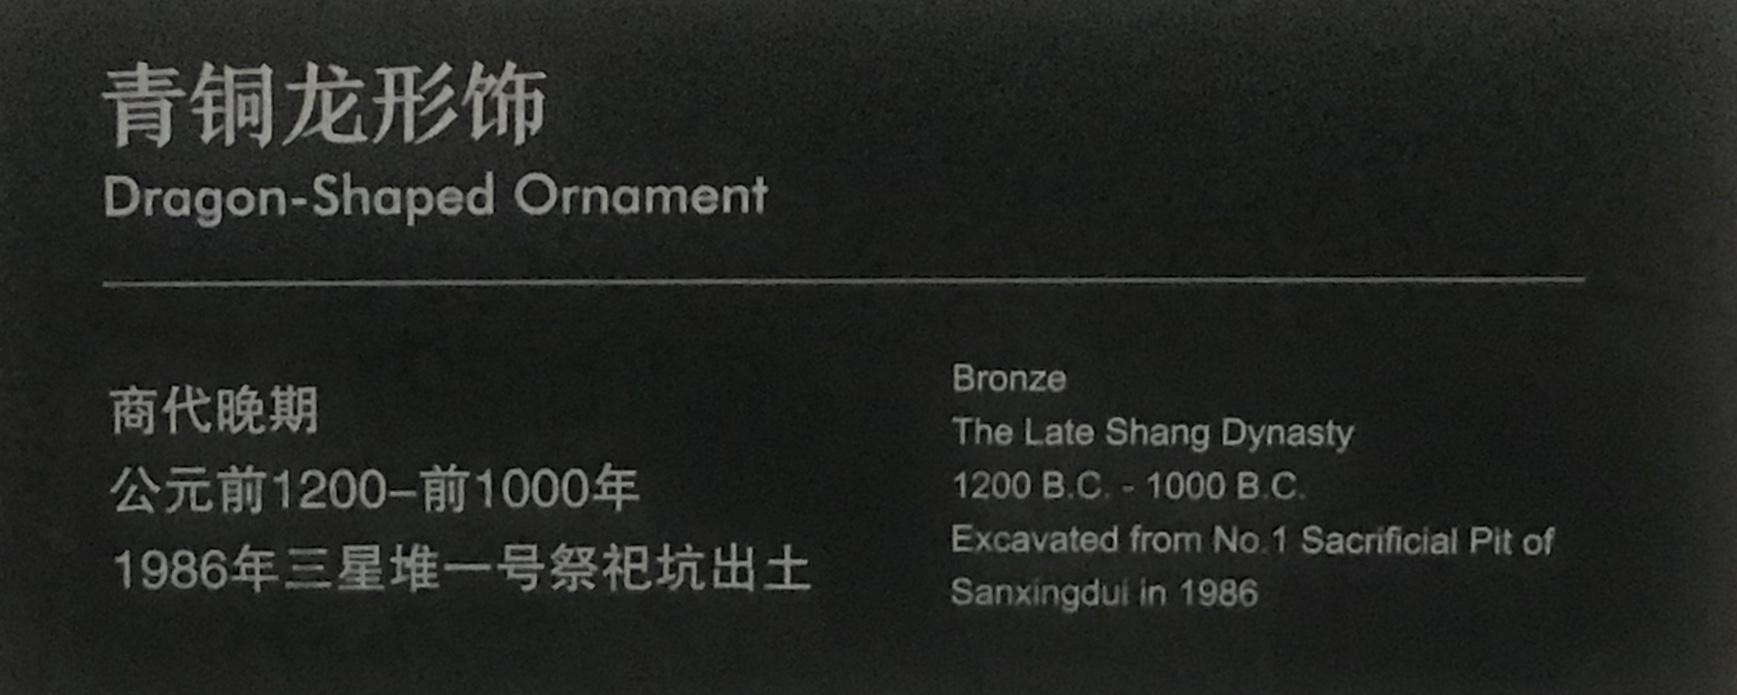 青銅龍形飾り1-青銅器館-三星堆博物館-広漢市-徳陽市-四川省